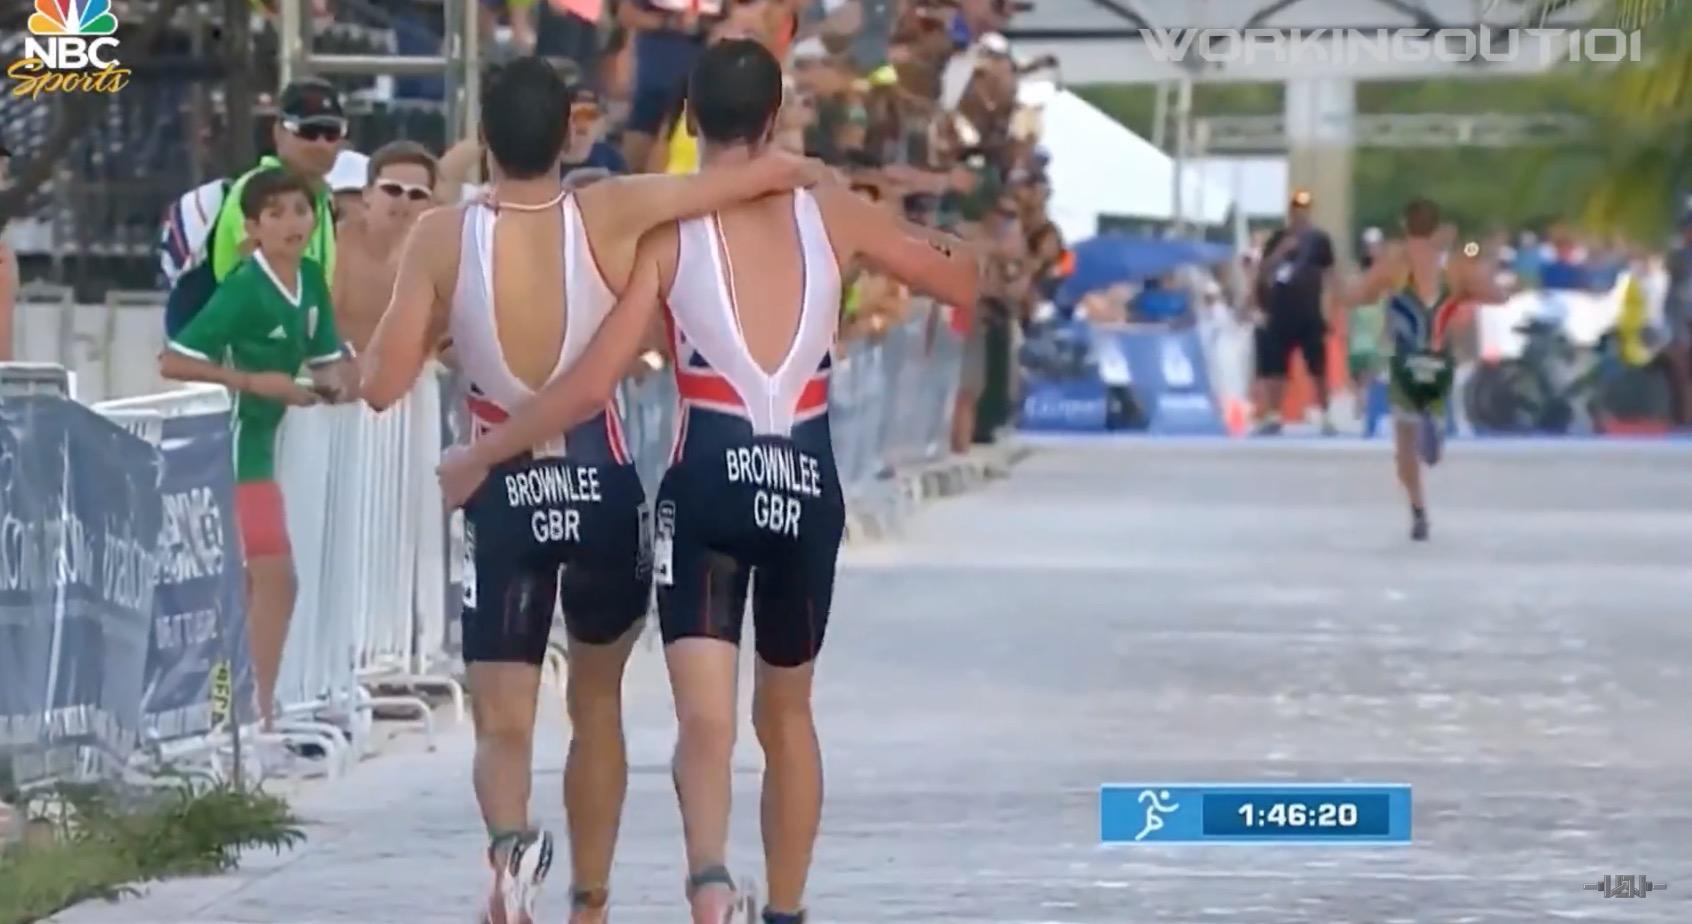 トライアスロン五輪金メダリストが、勝利を捨てて見せた兄弟愛に世界が感動!!